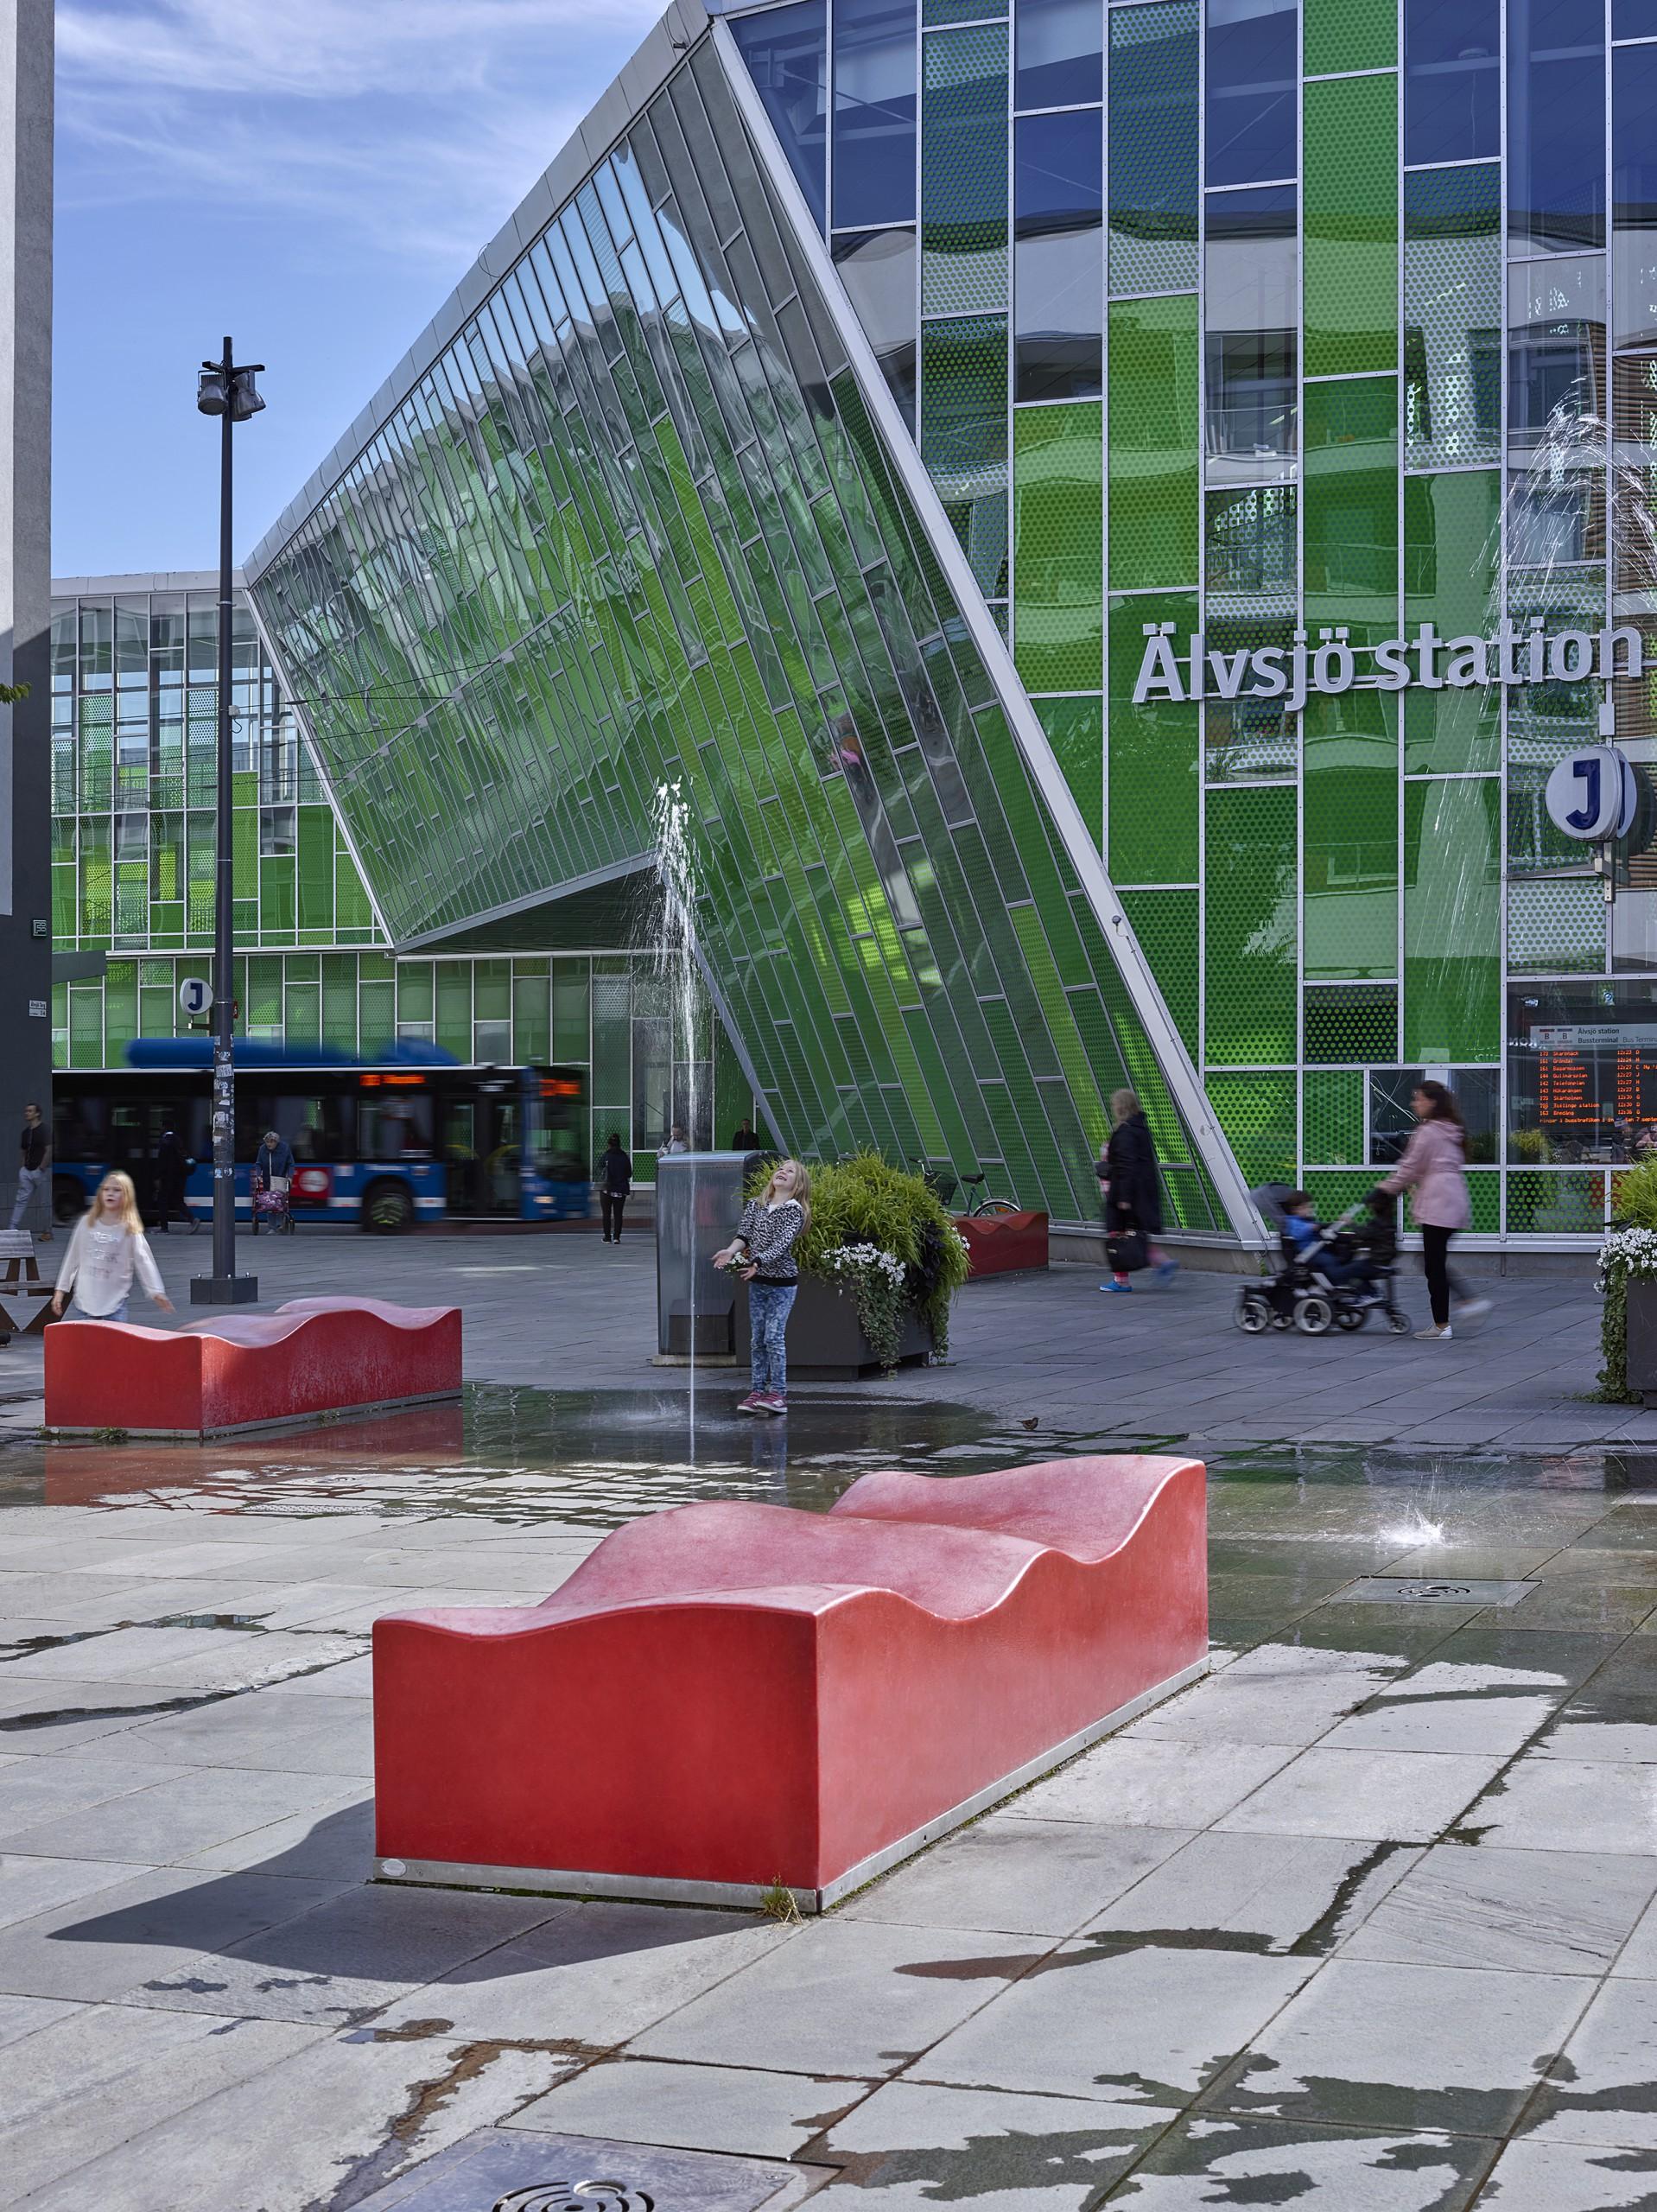 Älvsjö station